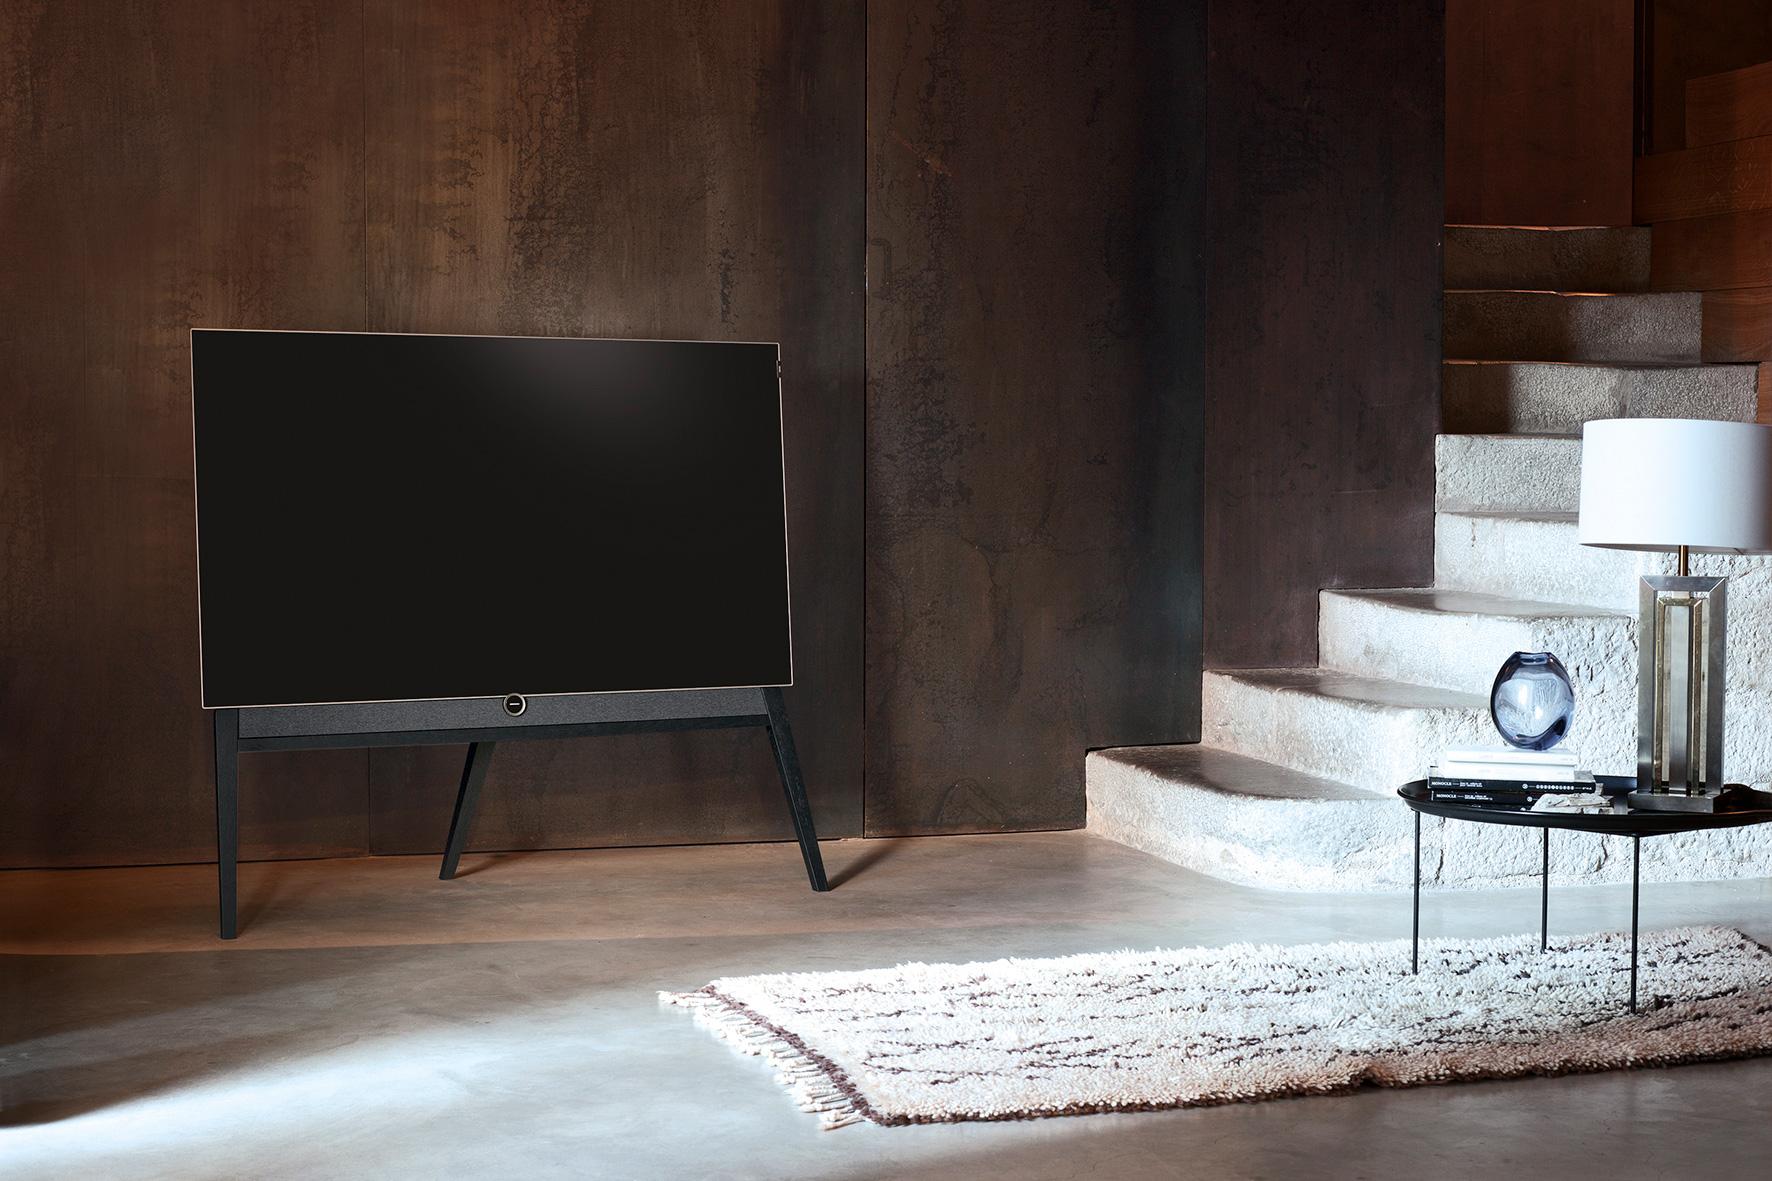 Loewe bild 5 OLED Floorstand Television